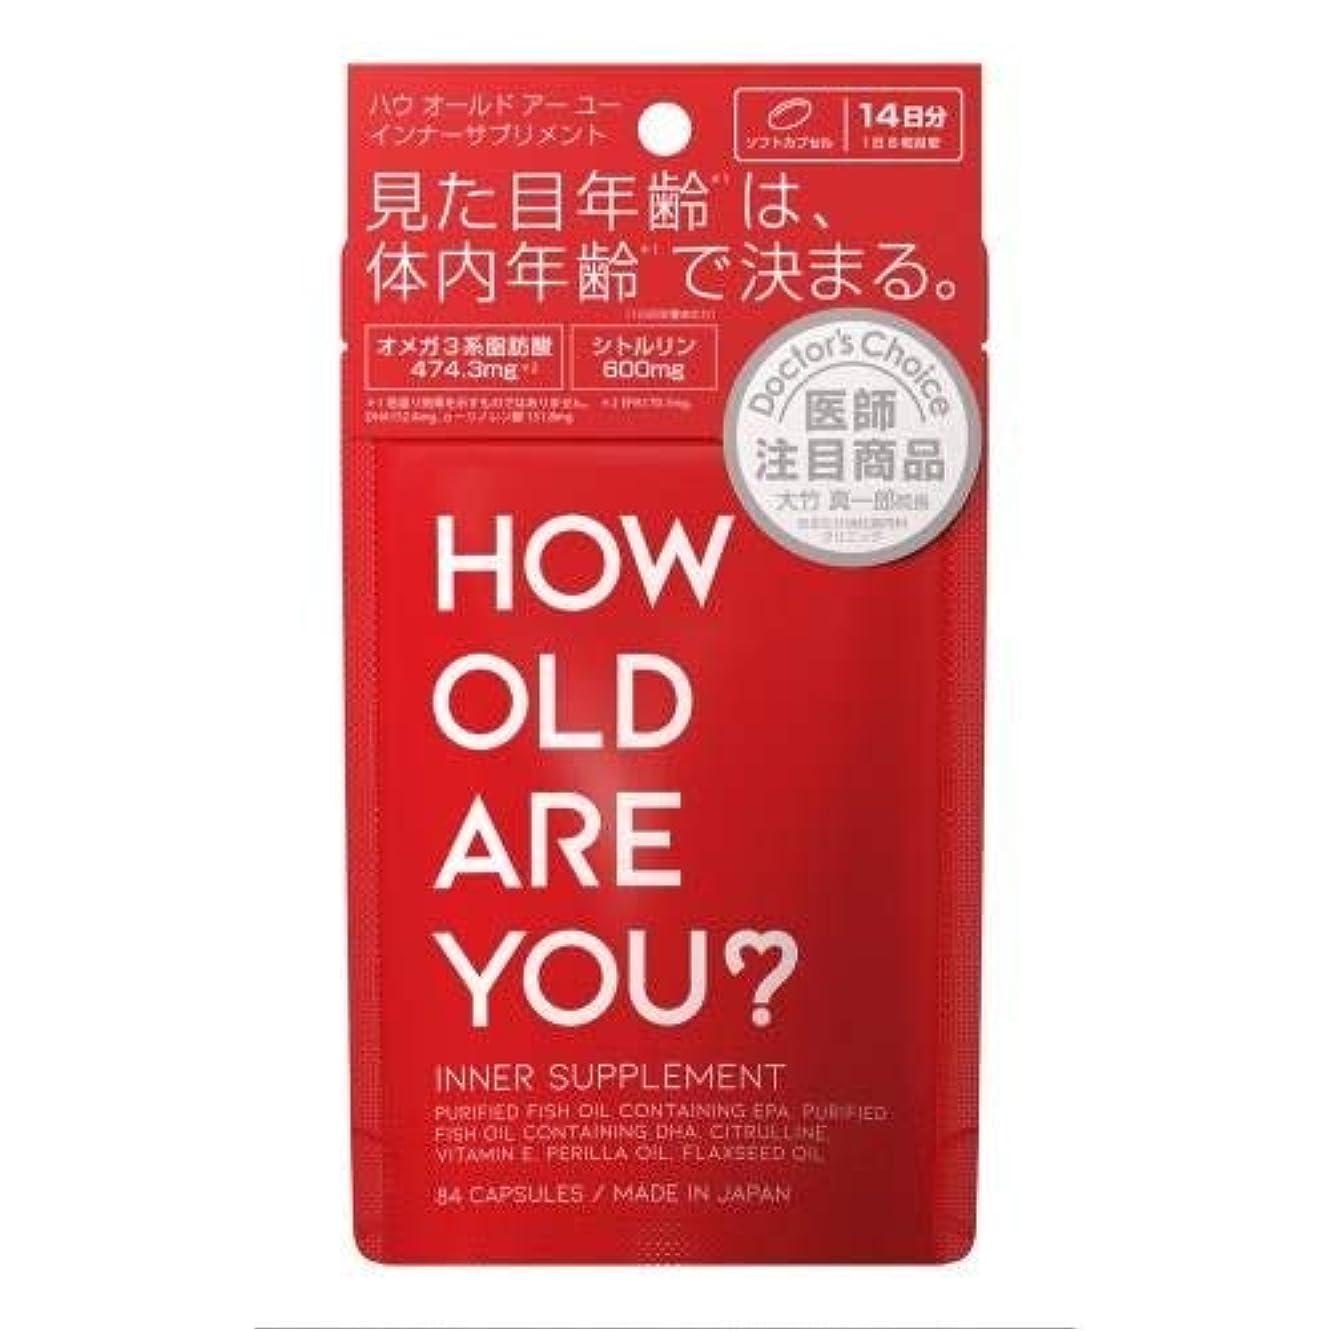 秀でるラオス人チャンバー【5個セット】HOW OLD ARE YOU?インナーサプリメント 84粒